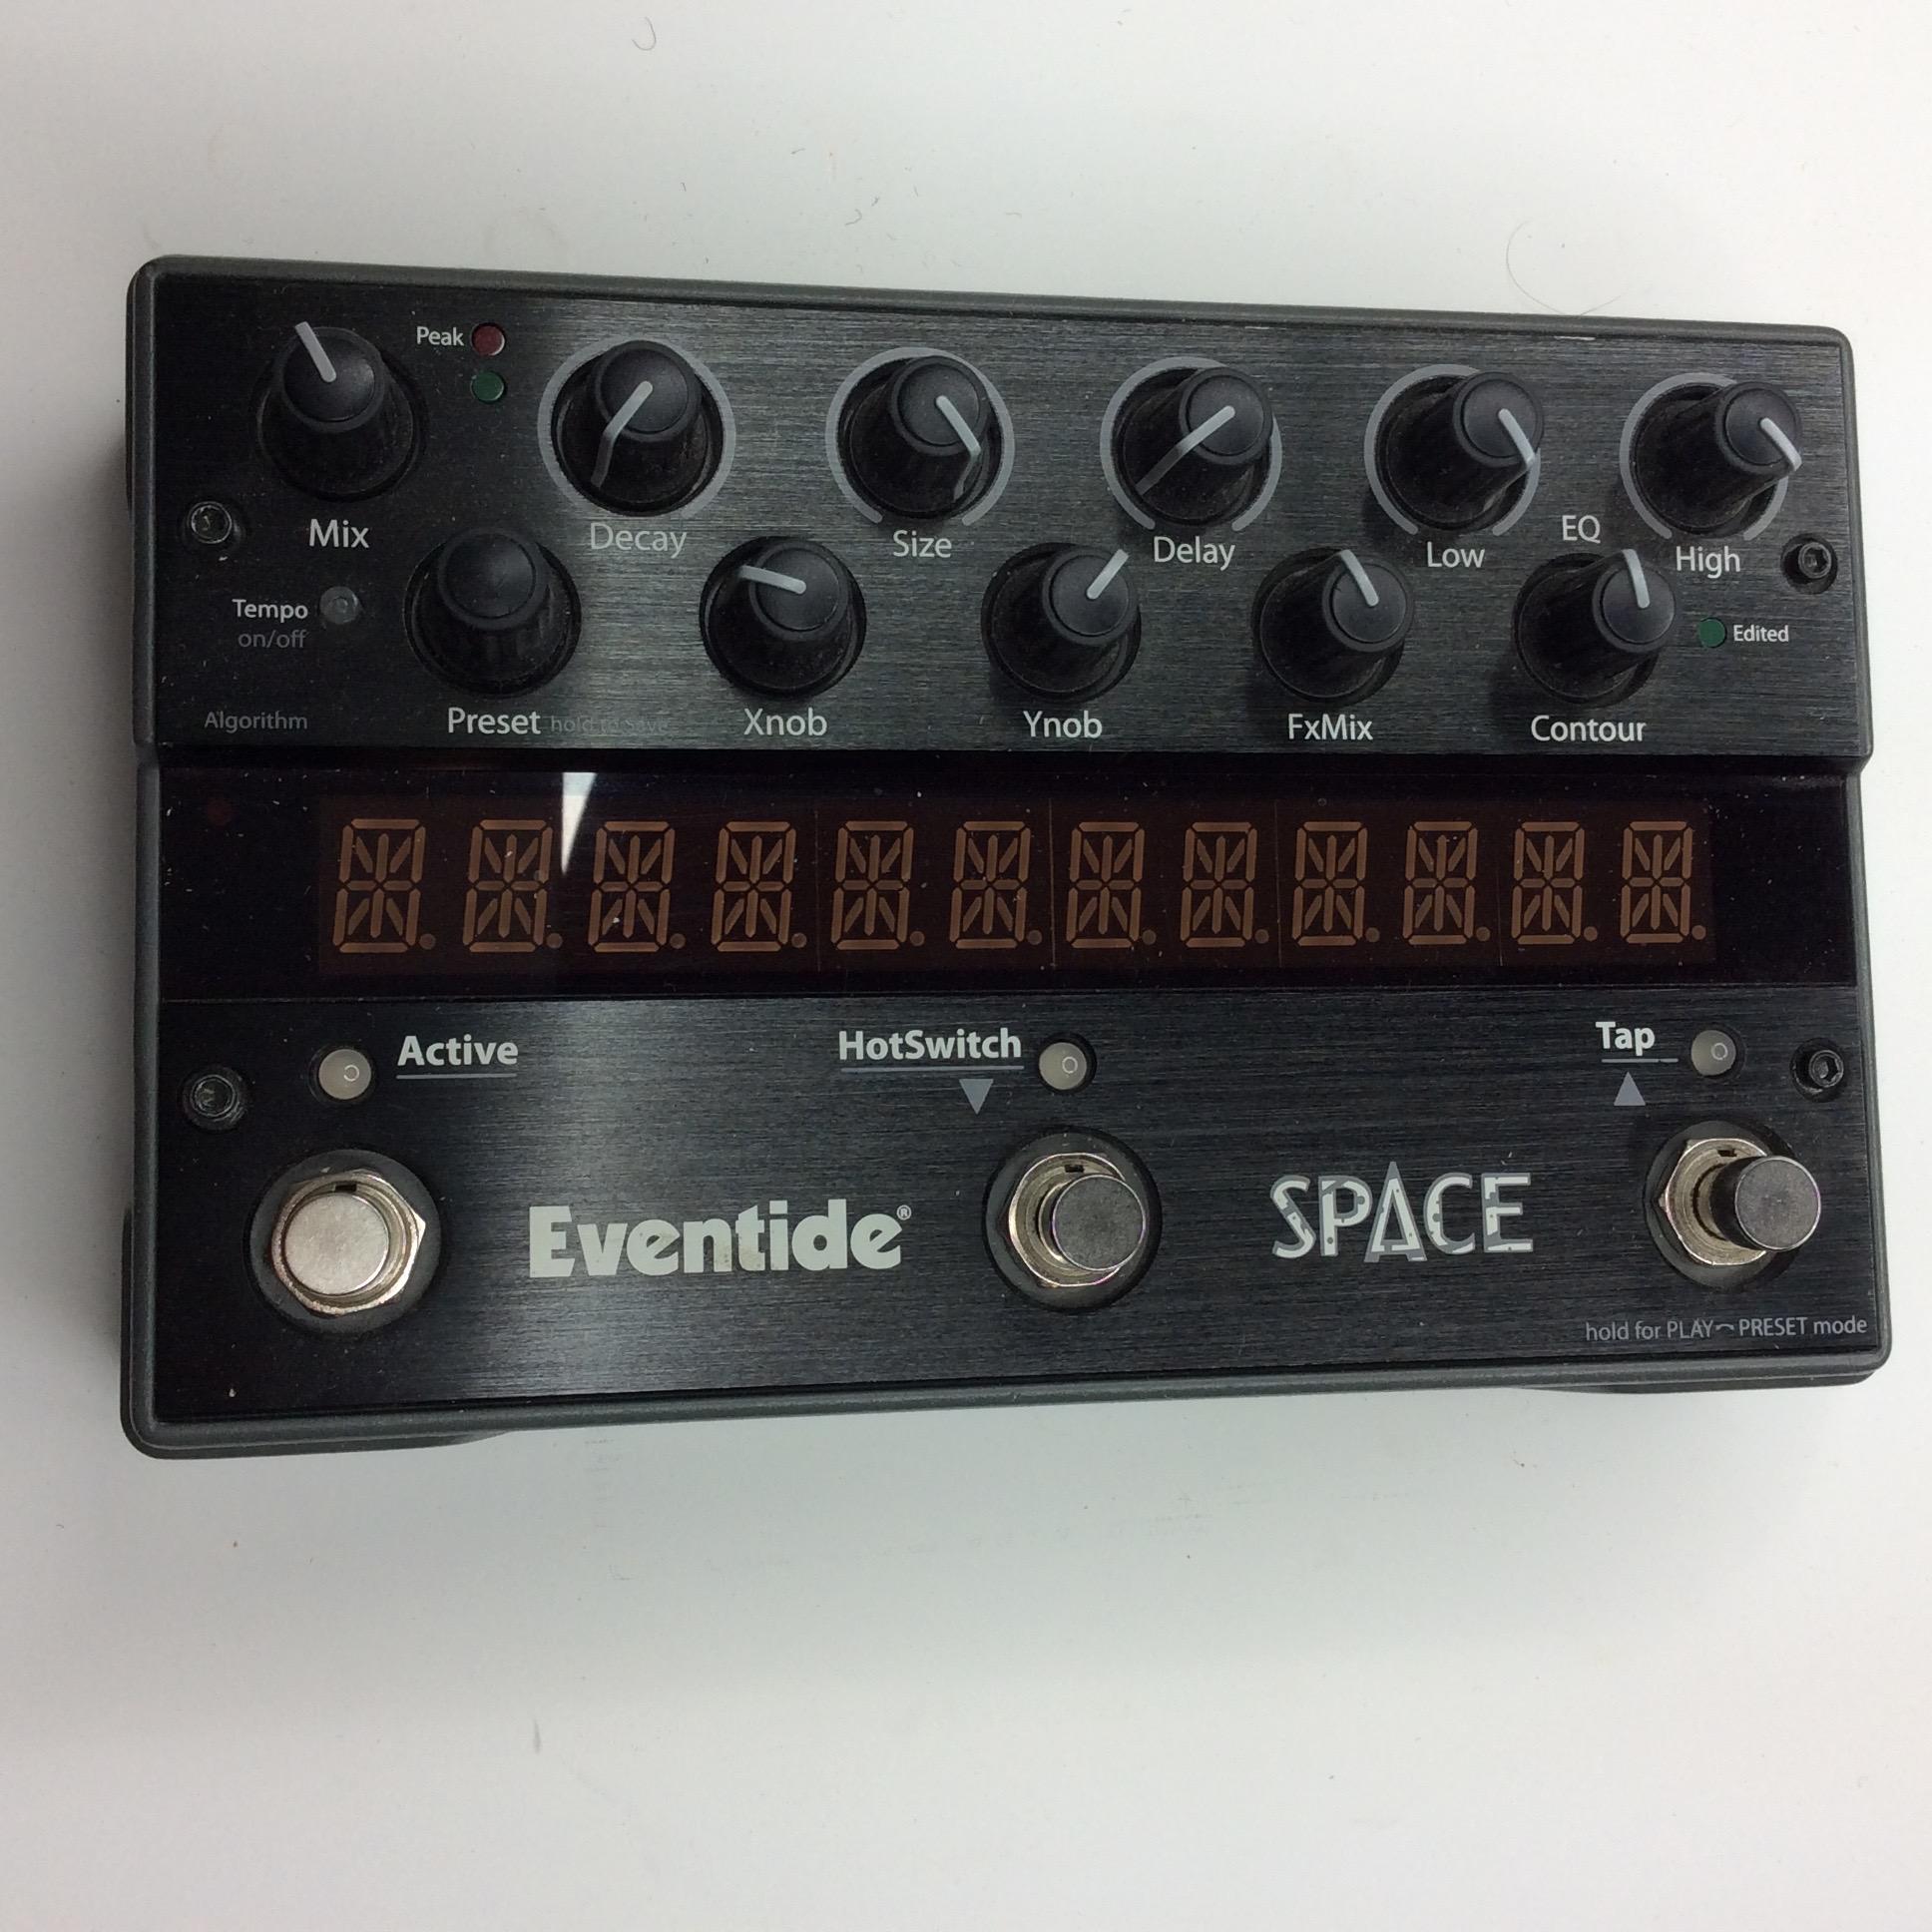 SPACE  Make: Eventide